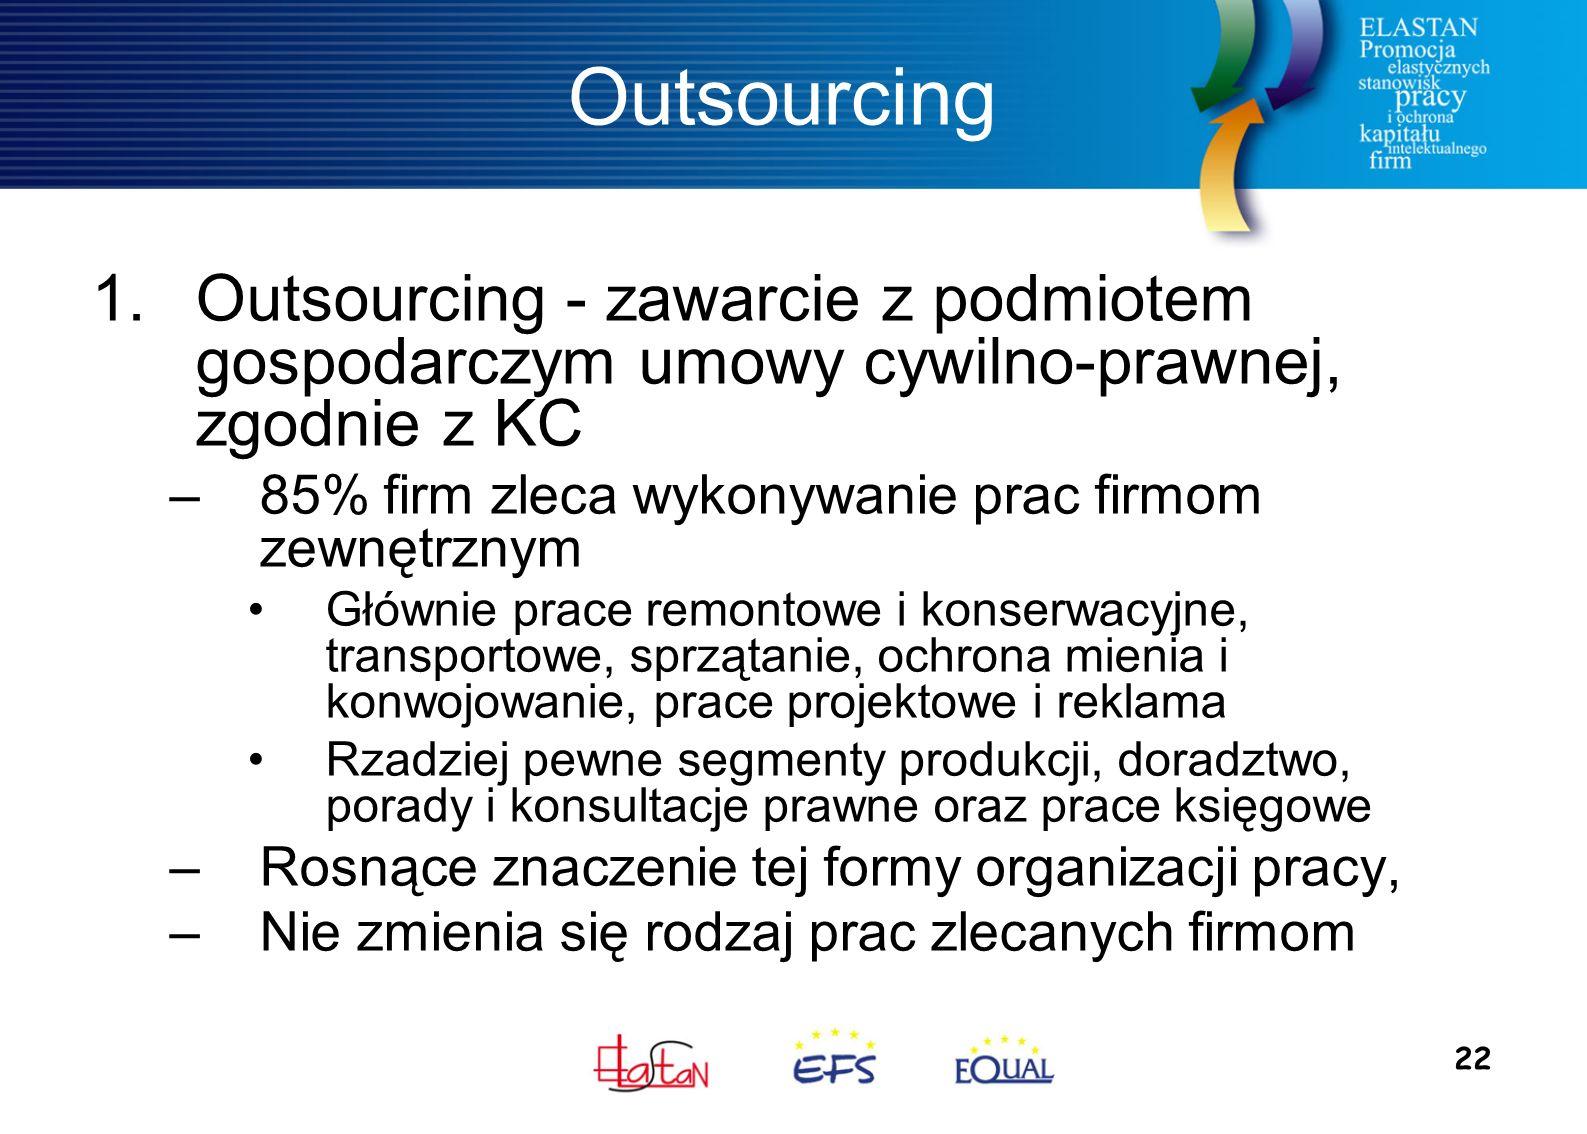 22 Outsourcing 1.Outsourcing - zawarcie z podmiotem gospodarczym umowy cywilno-prawnej, zgodnie z KC –85% firm zleca wykonywanie prac firmom zewnętrznym Głównie prace remontowe i konserwacyjne, transportowe, sprzątanie, ochrona mienia i konwojowanie, prace projektowe i reklama Rzadziej pewne segmenty produkcji, doradztwo, porady i konsultacje prawne oraz prace księgowe –Rosnące znaczenie tej formy organizacji pracy, –Nie zmienia się rodzaj prac zlecanych firmom